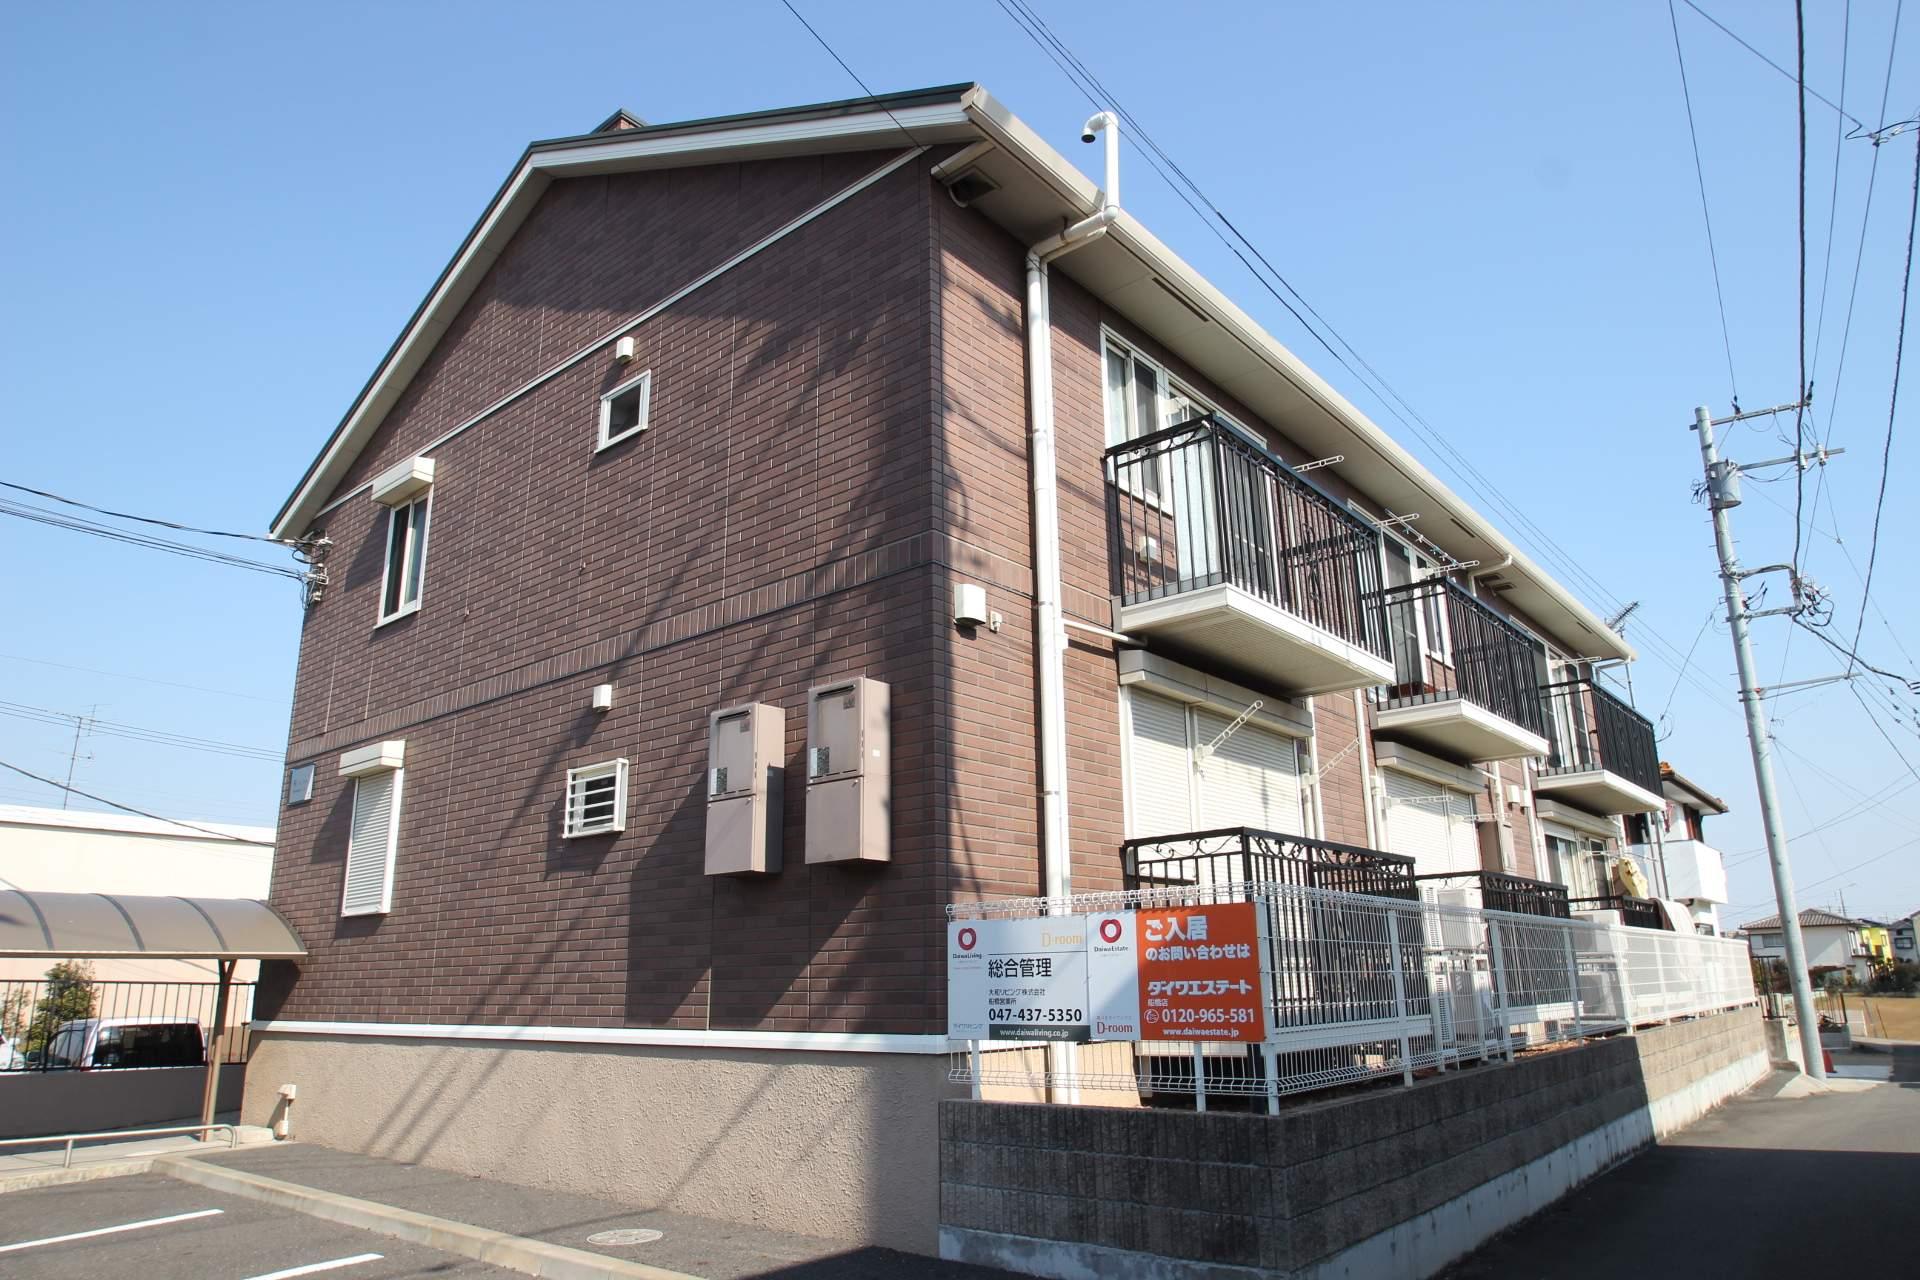 千葉県船橋市、飯山満駅徒歩19分の築9年 2階建の賃貸アパート